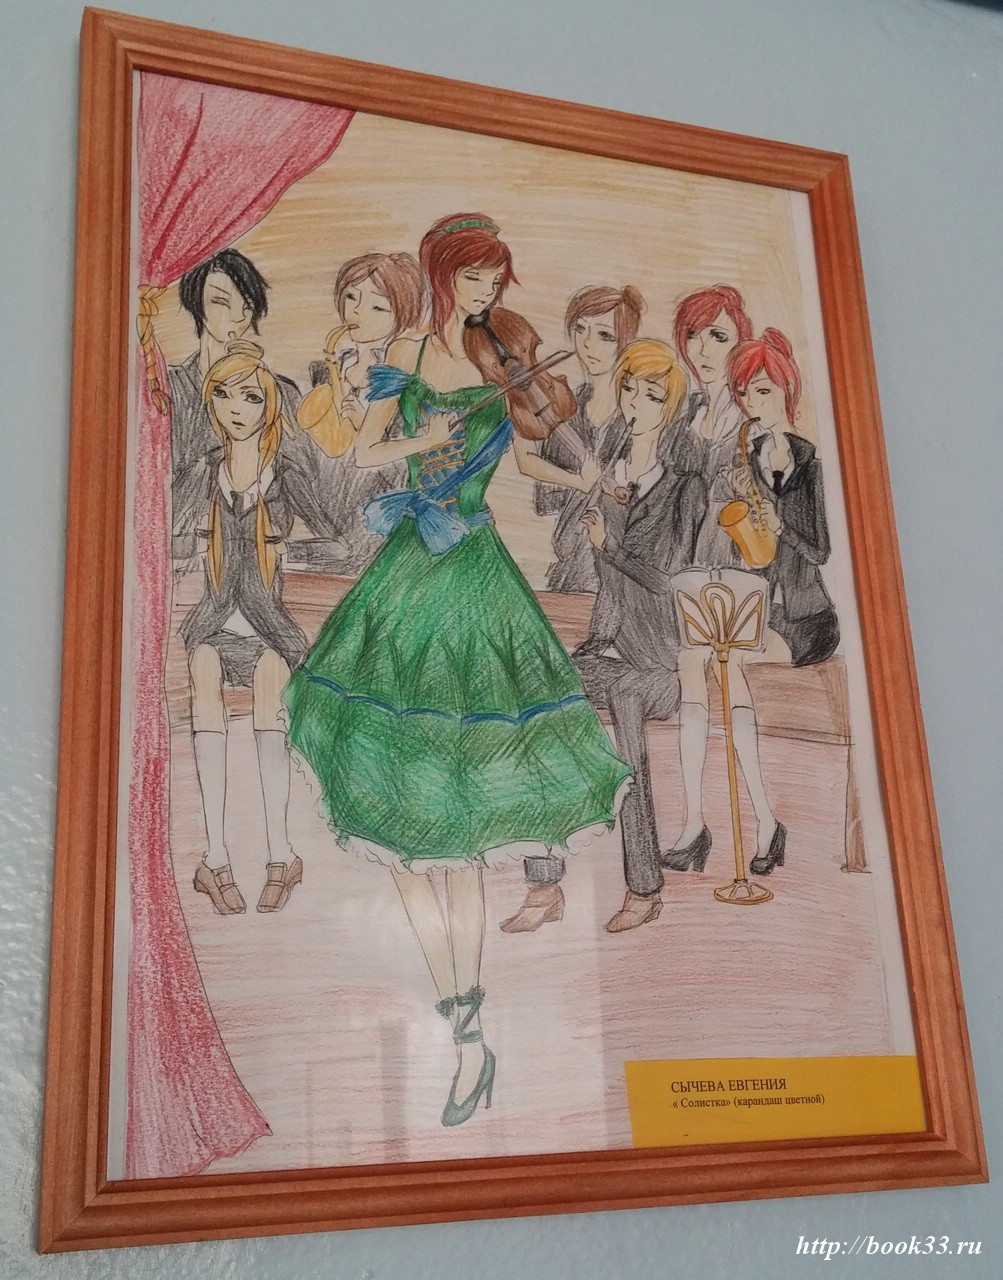 Школьный вернисаж в Школе 18 г. Мурома. Сычева Евгения - Солистка (цветной карандаш)